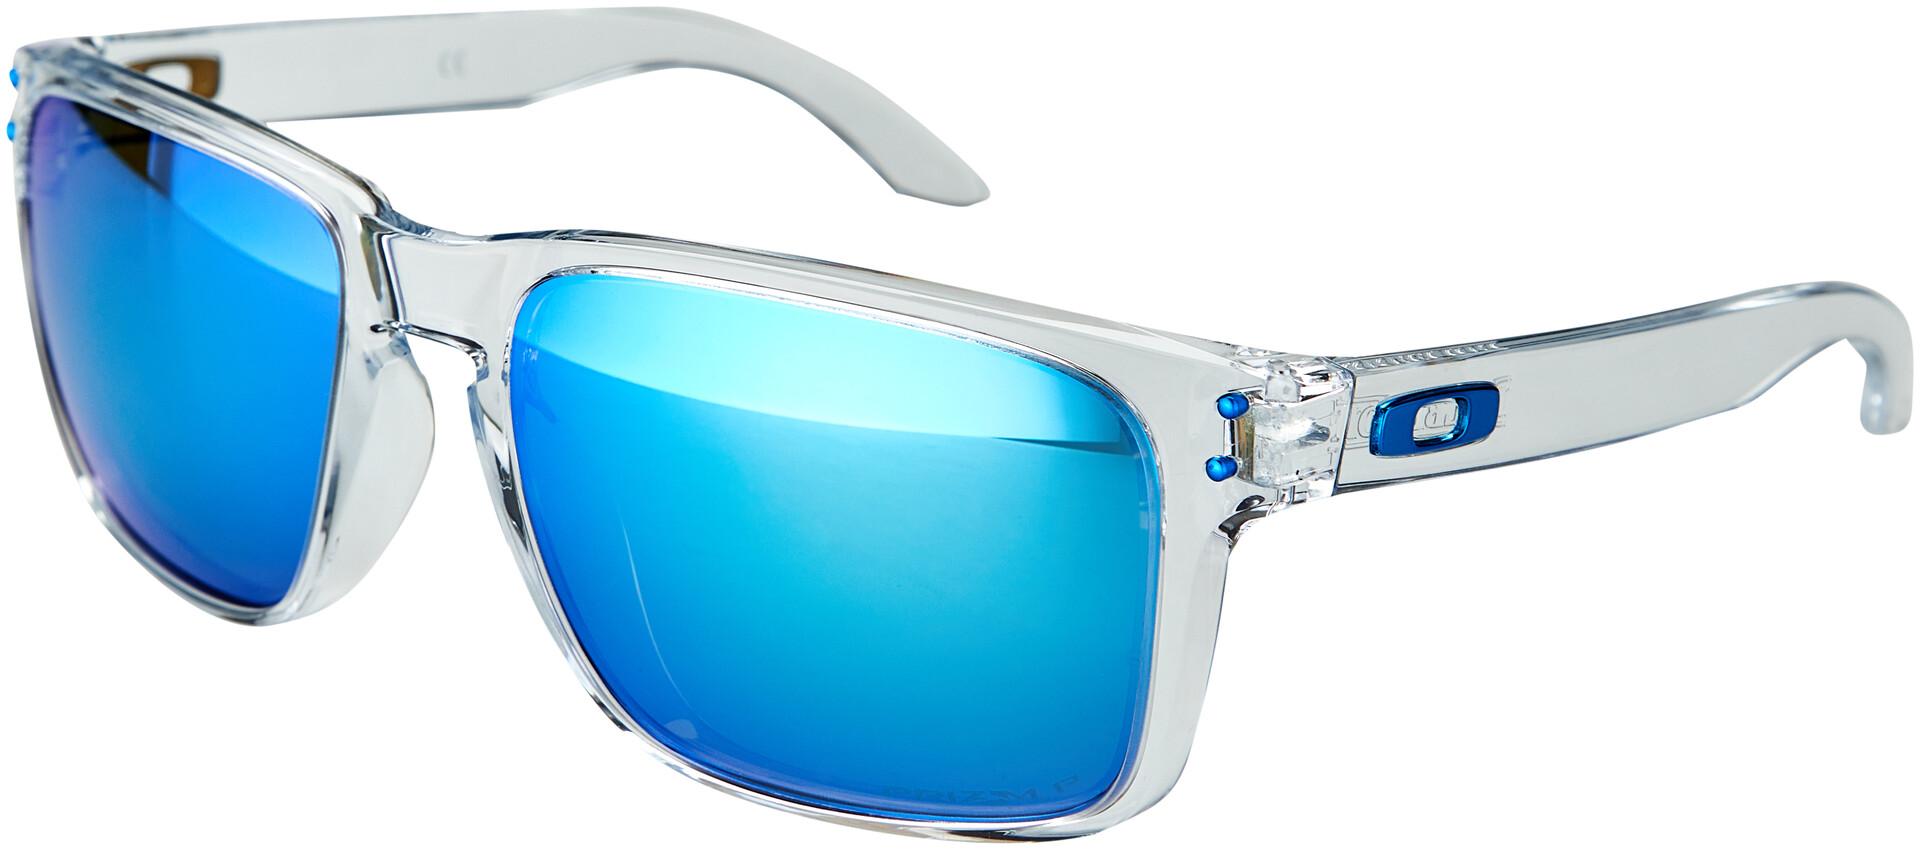 oakley holbrook blå solbriller